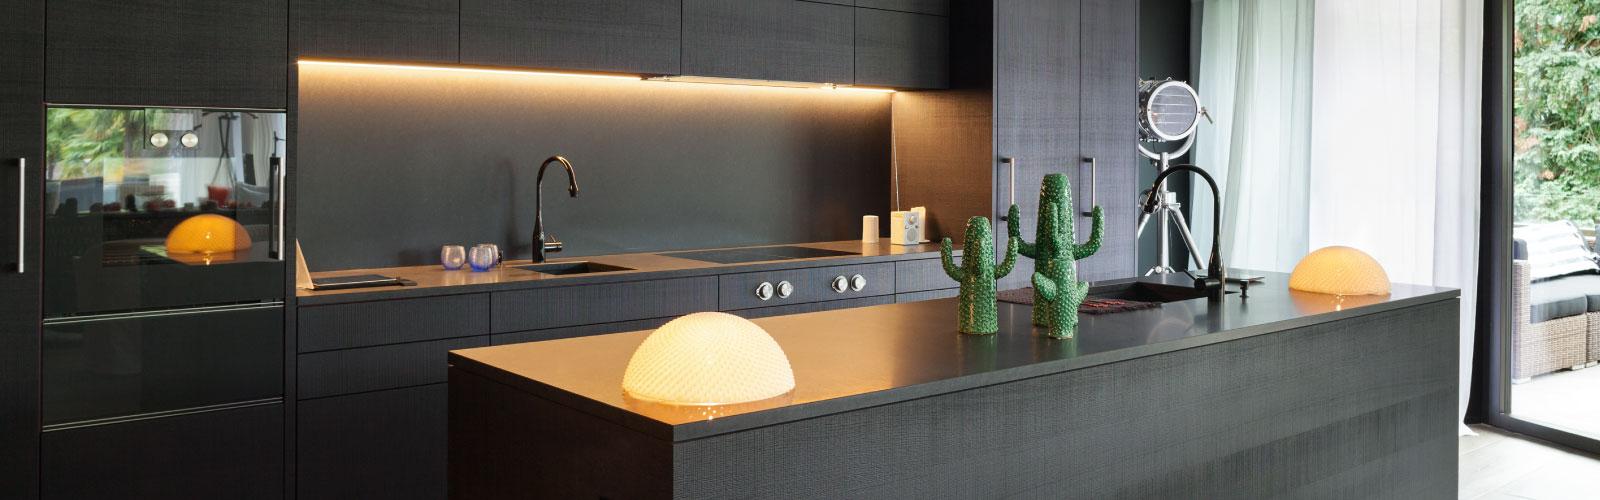 tips para iluminar con lámparas